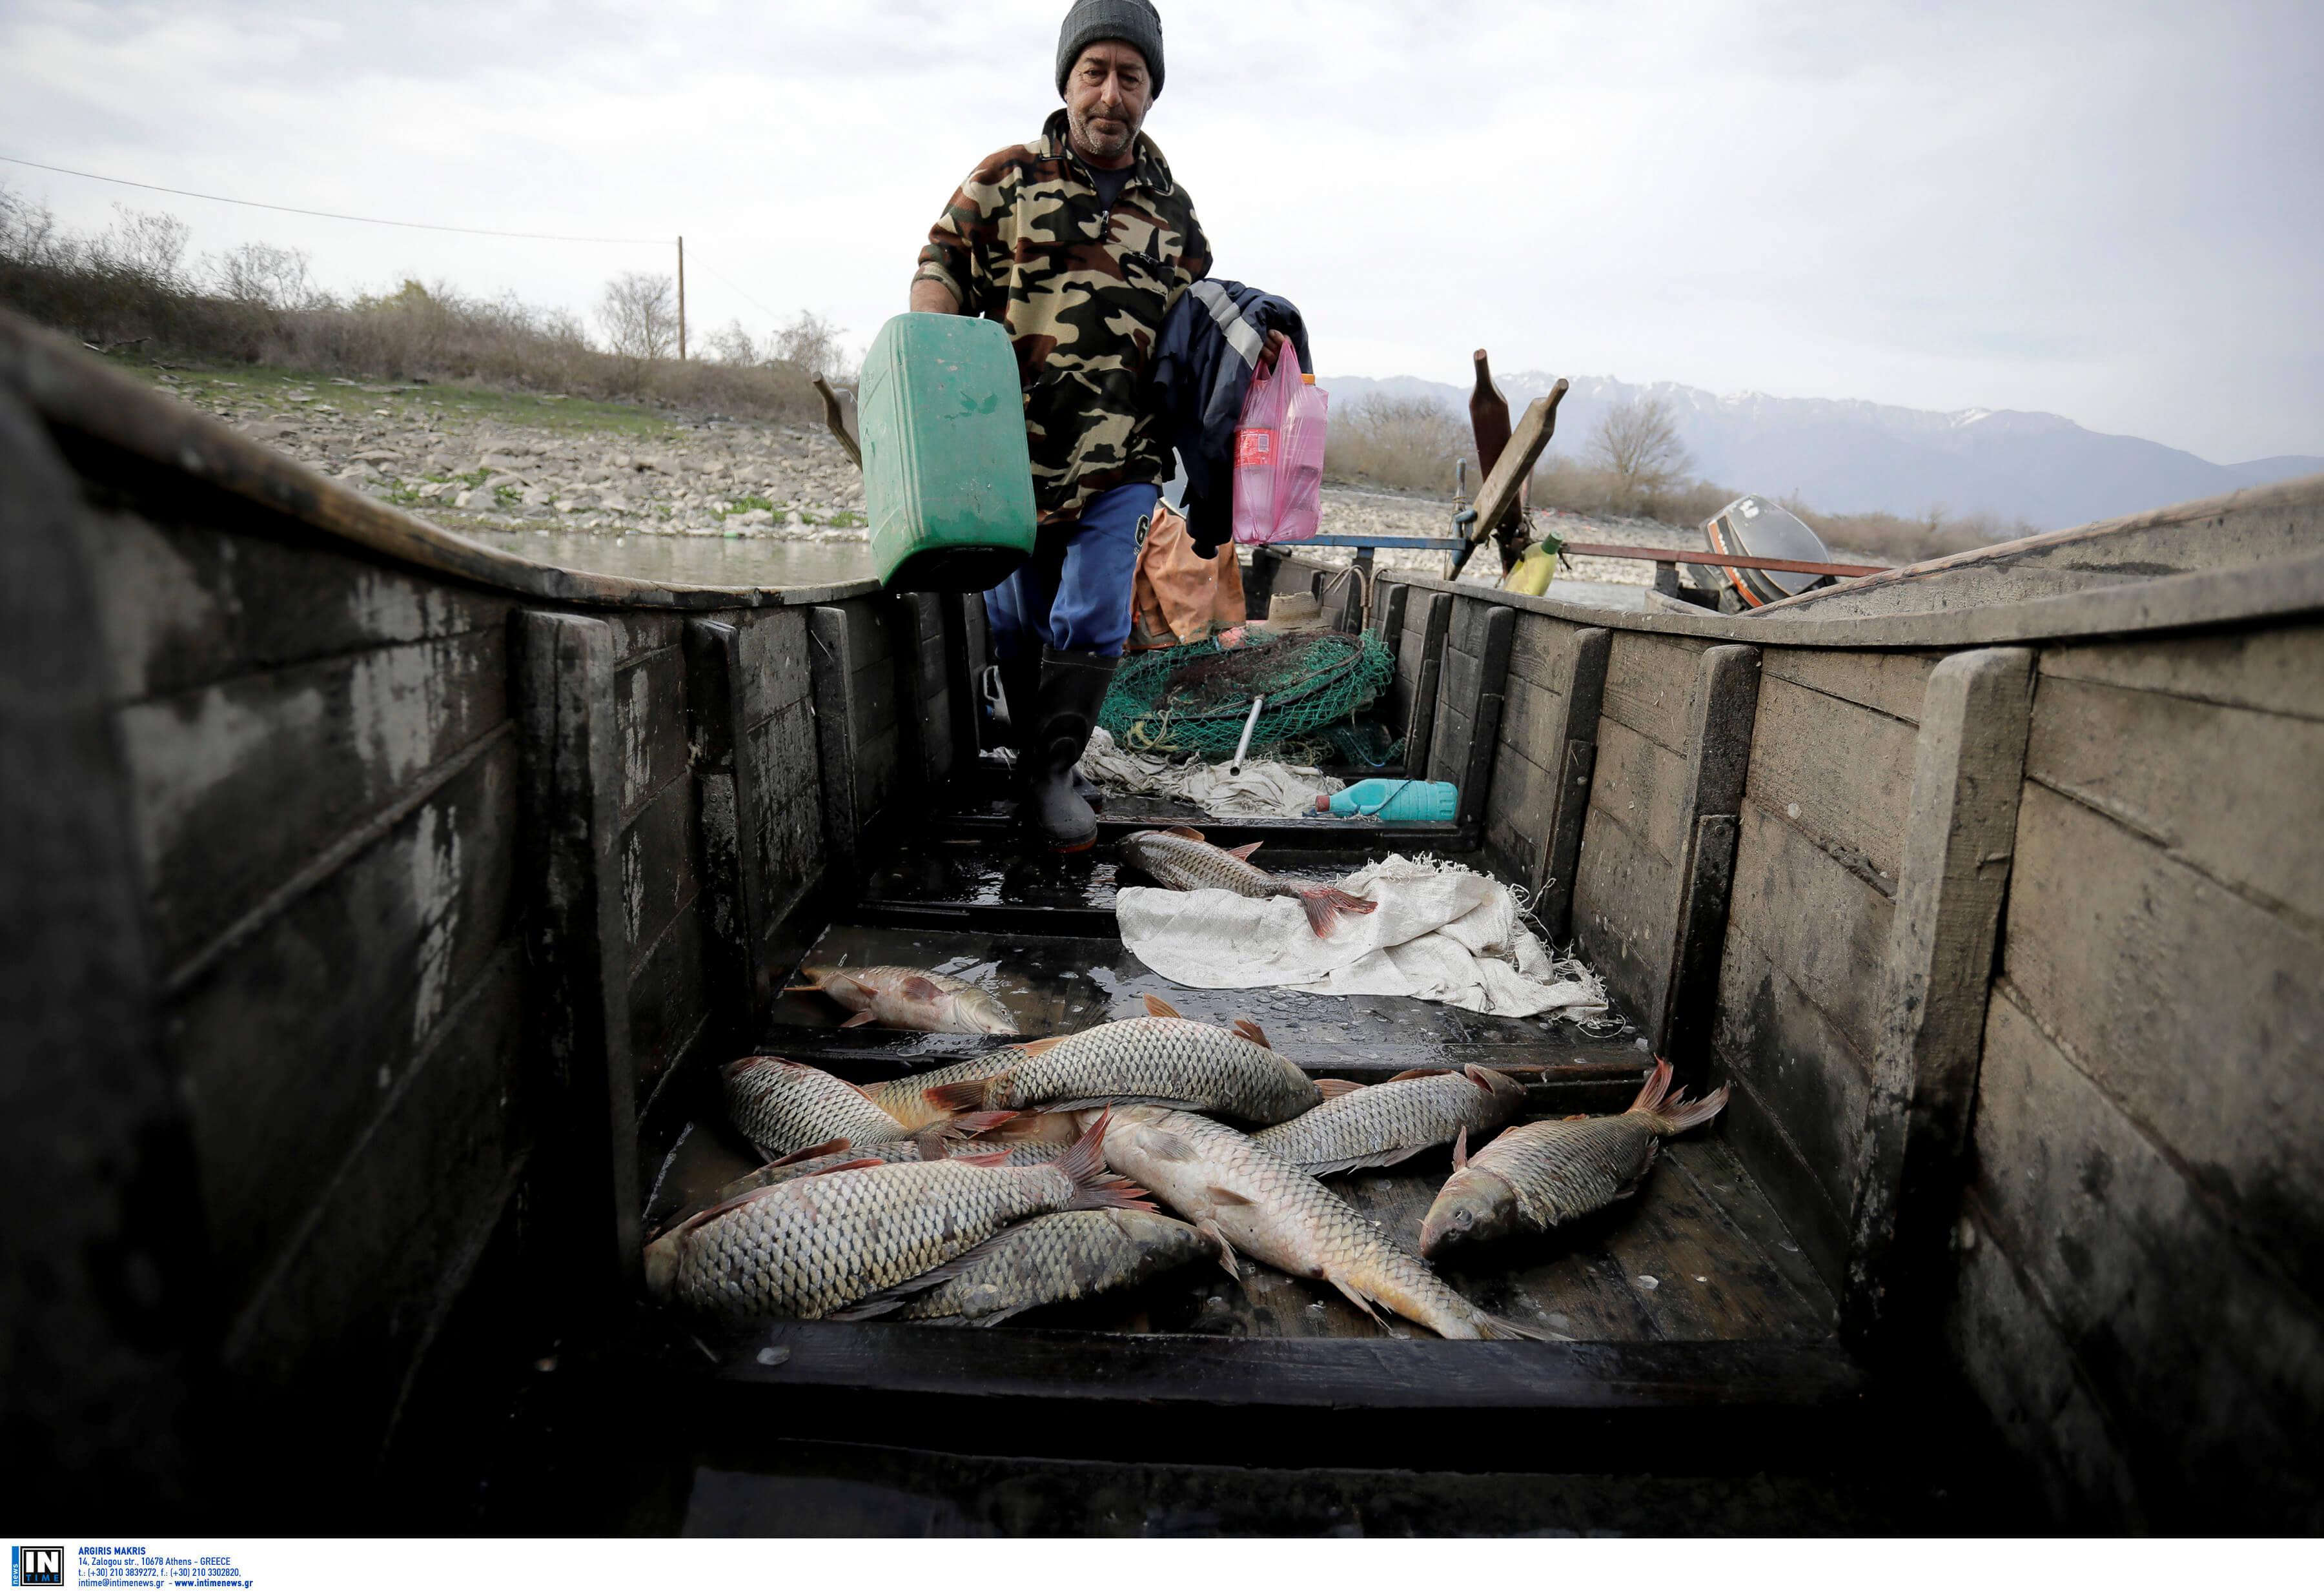 Για ψάρεμα στην λίμνη Κερκίνη…   Newsit.gr